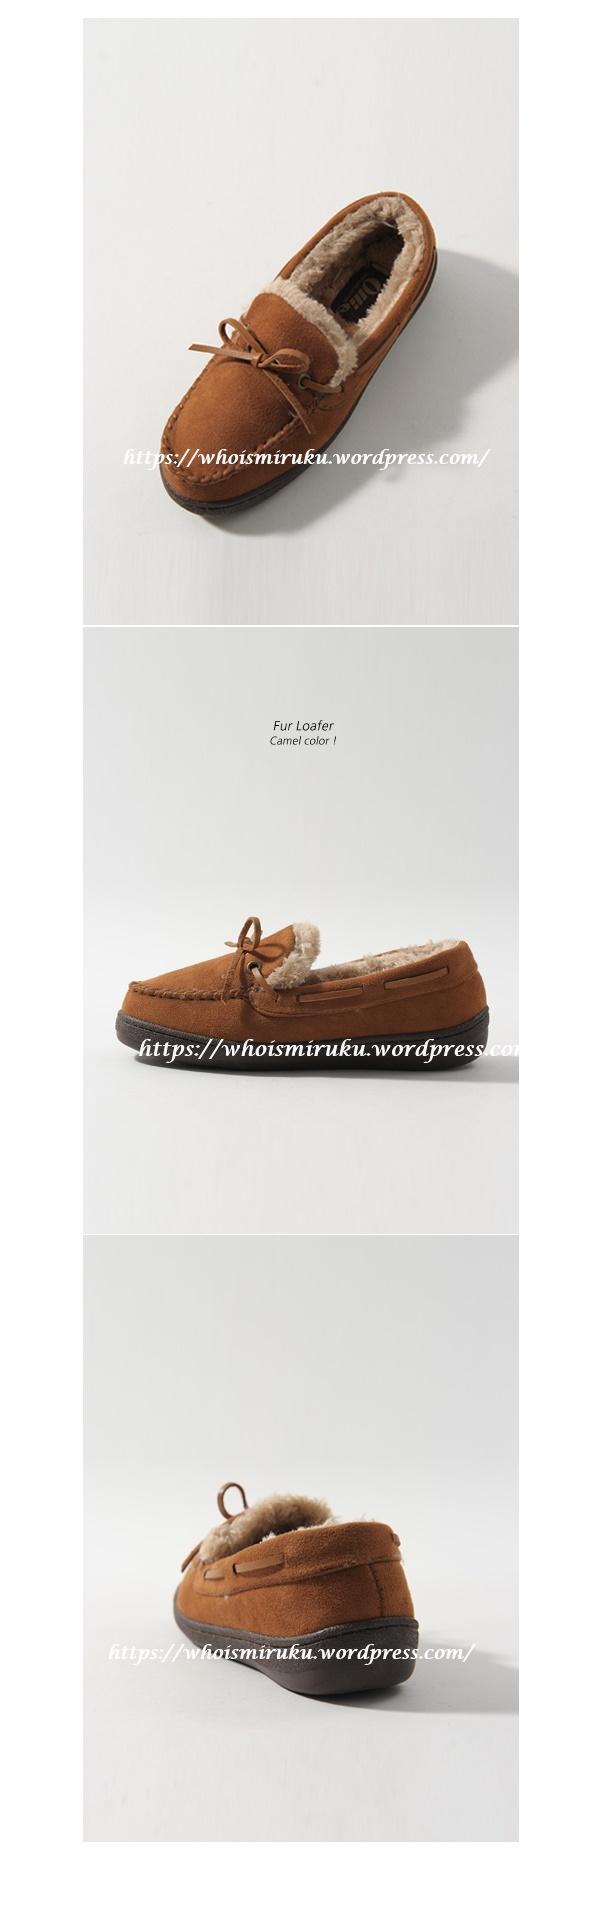 綁帶造型保暖豆豆鞋-BLOG-04